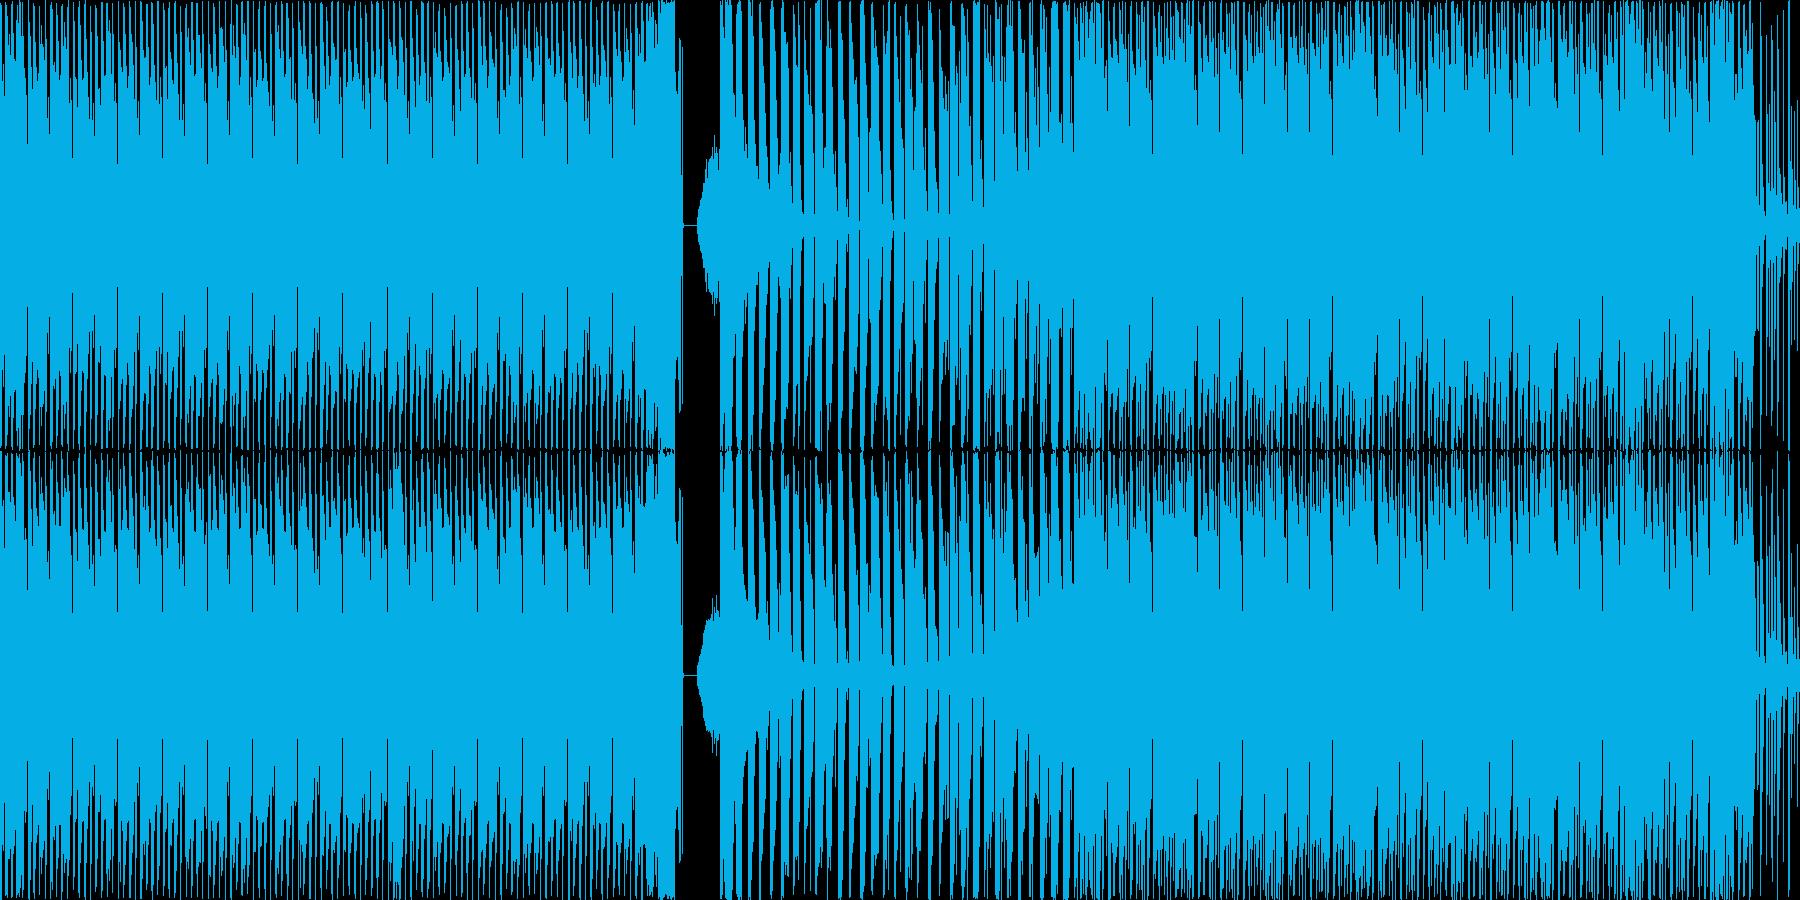 サイケ、テクノ、癖になるループ素材の再生済みの波形